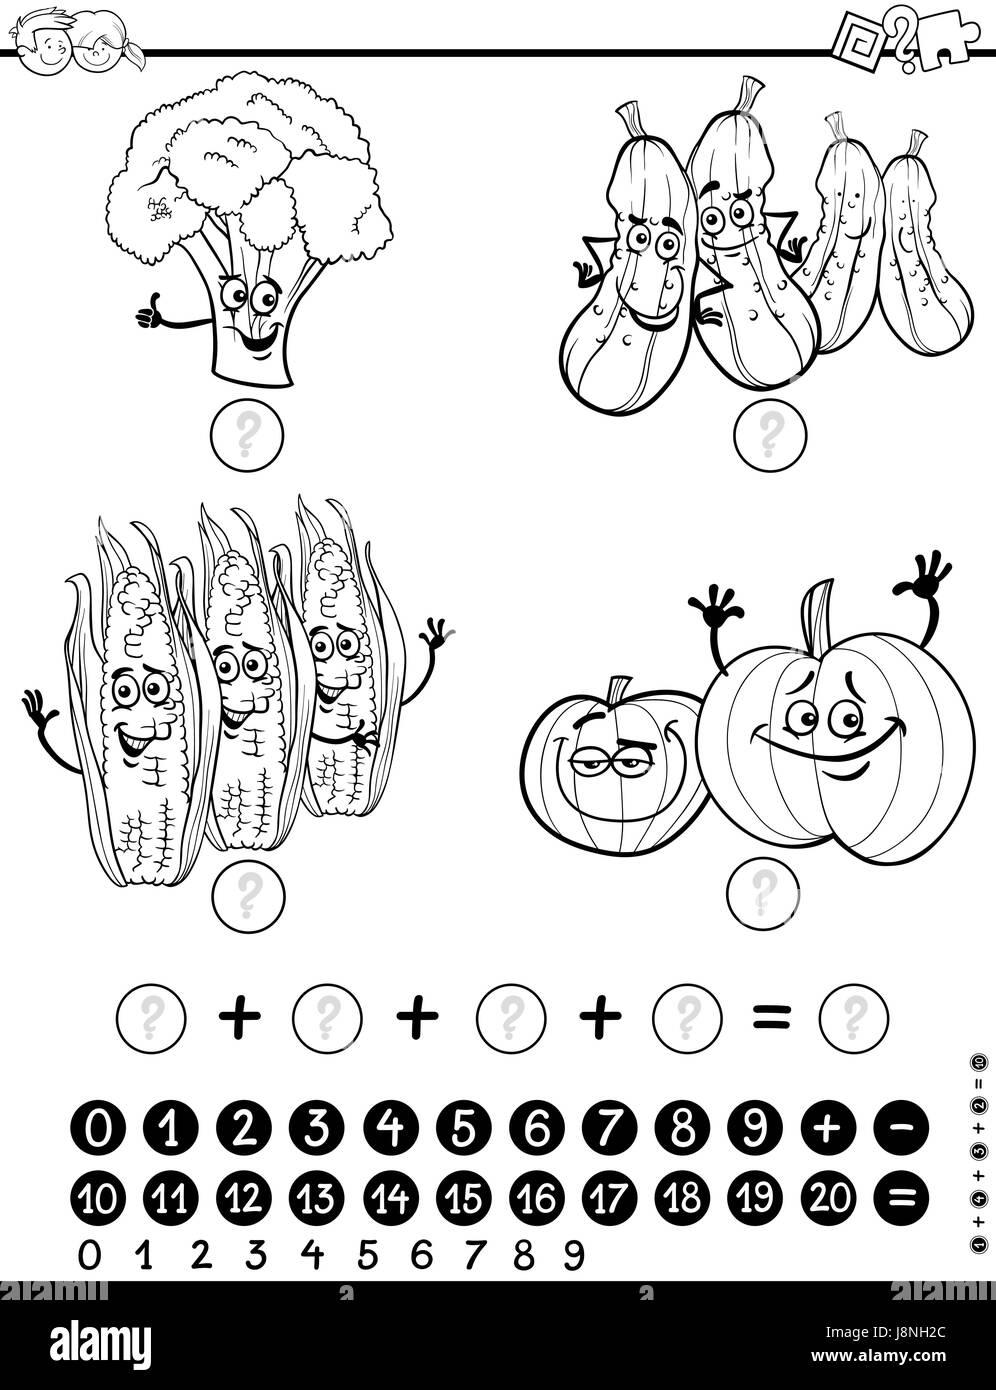 Malvorlagen Kinder Essen  Coloring and Malvorlagan